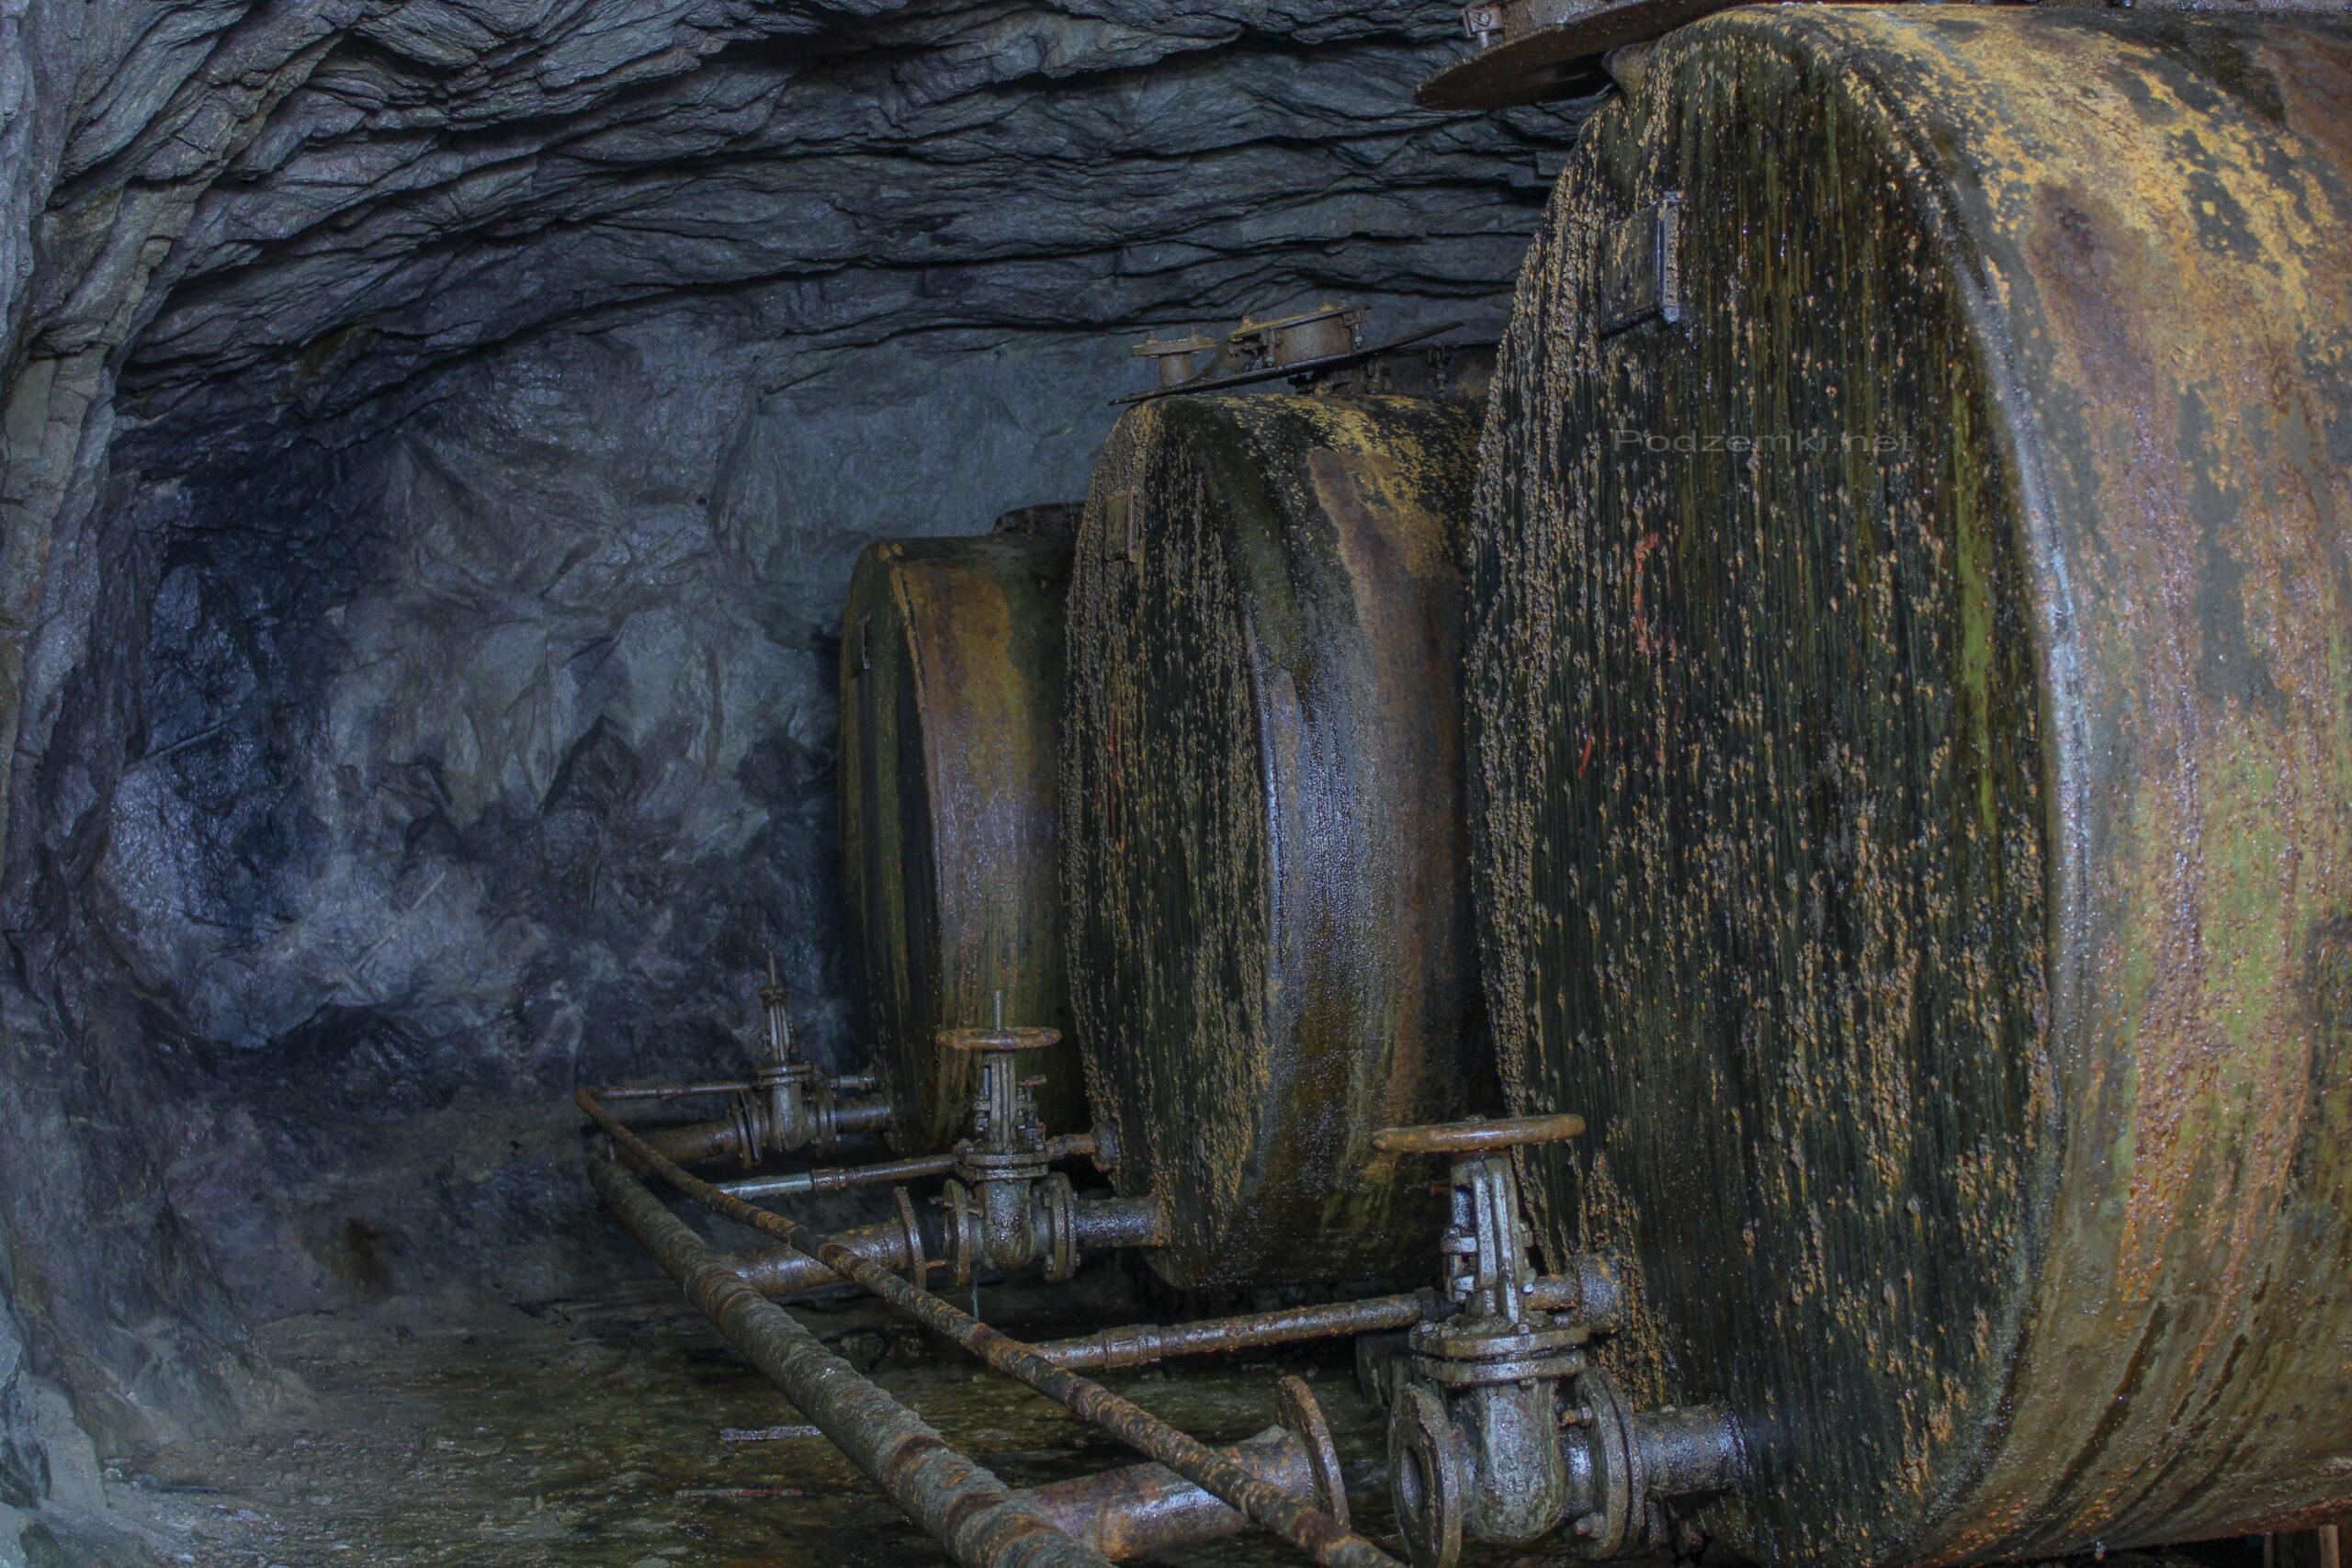 Подземное хранилище ГСМ для нужд флота